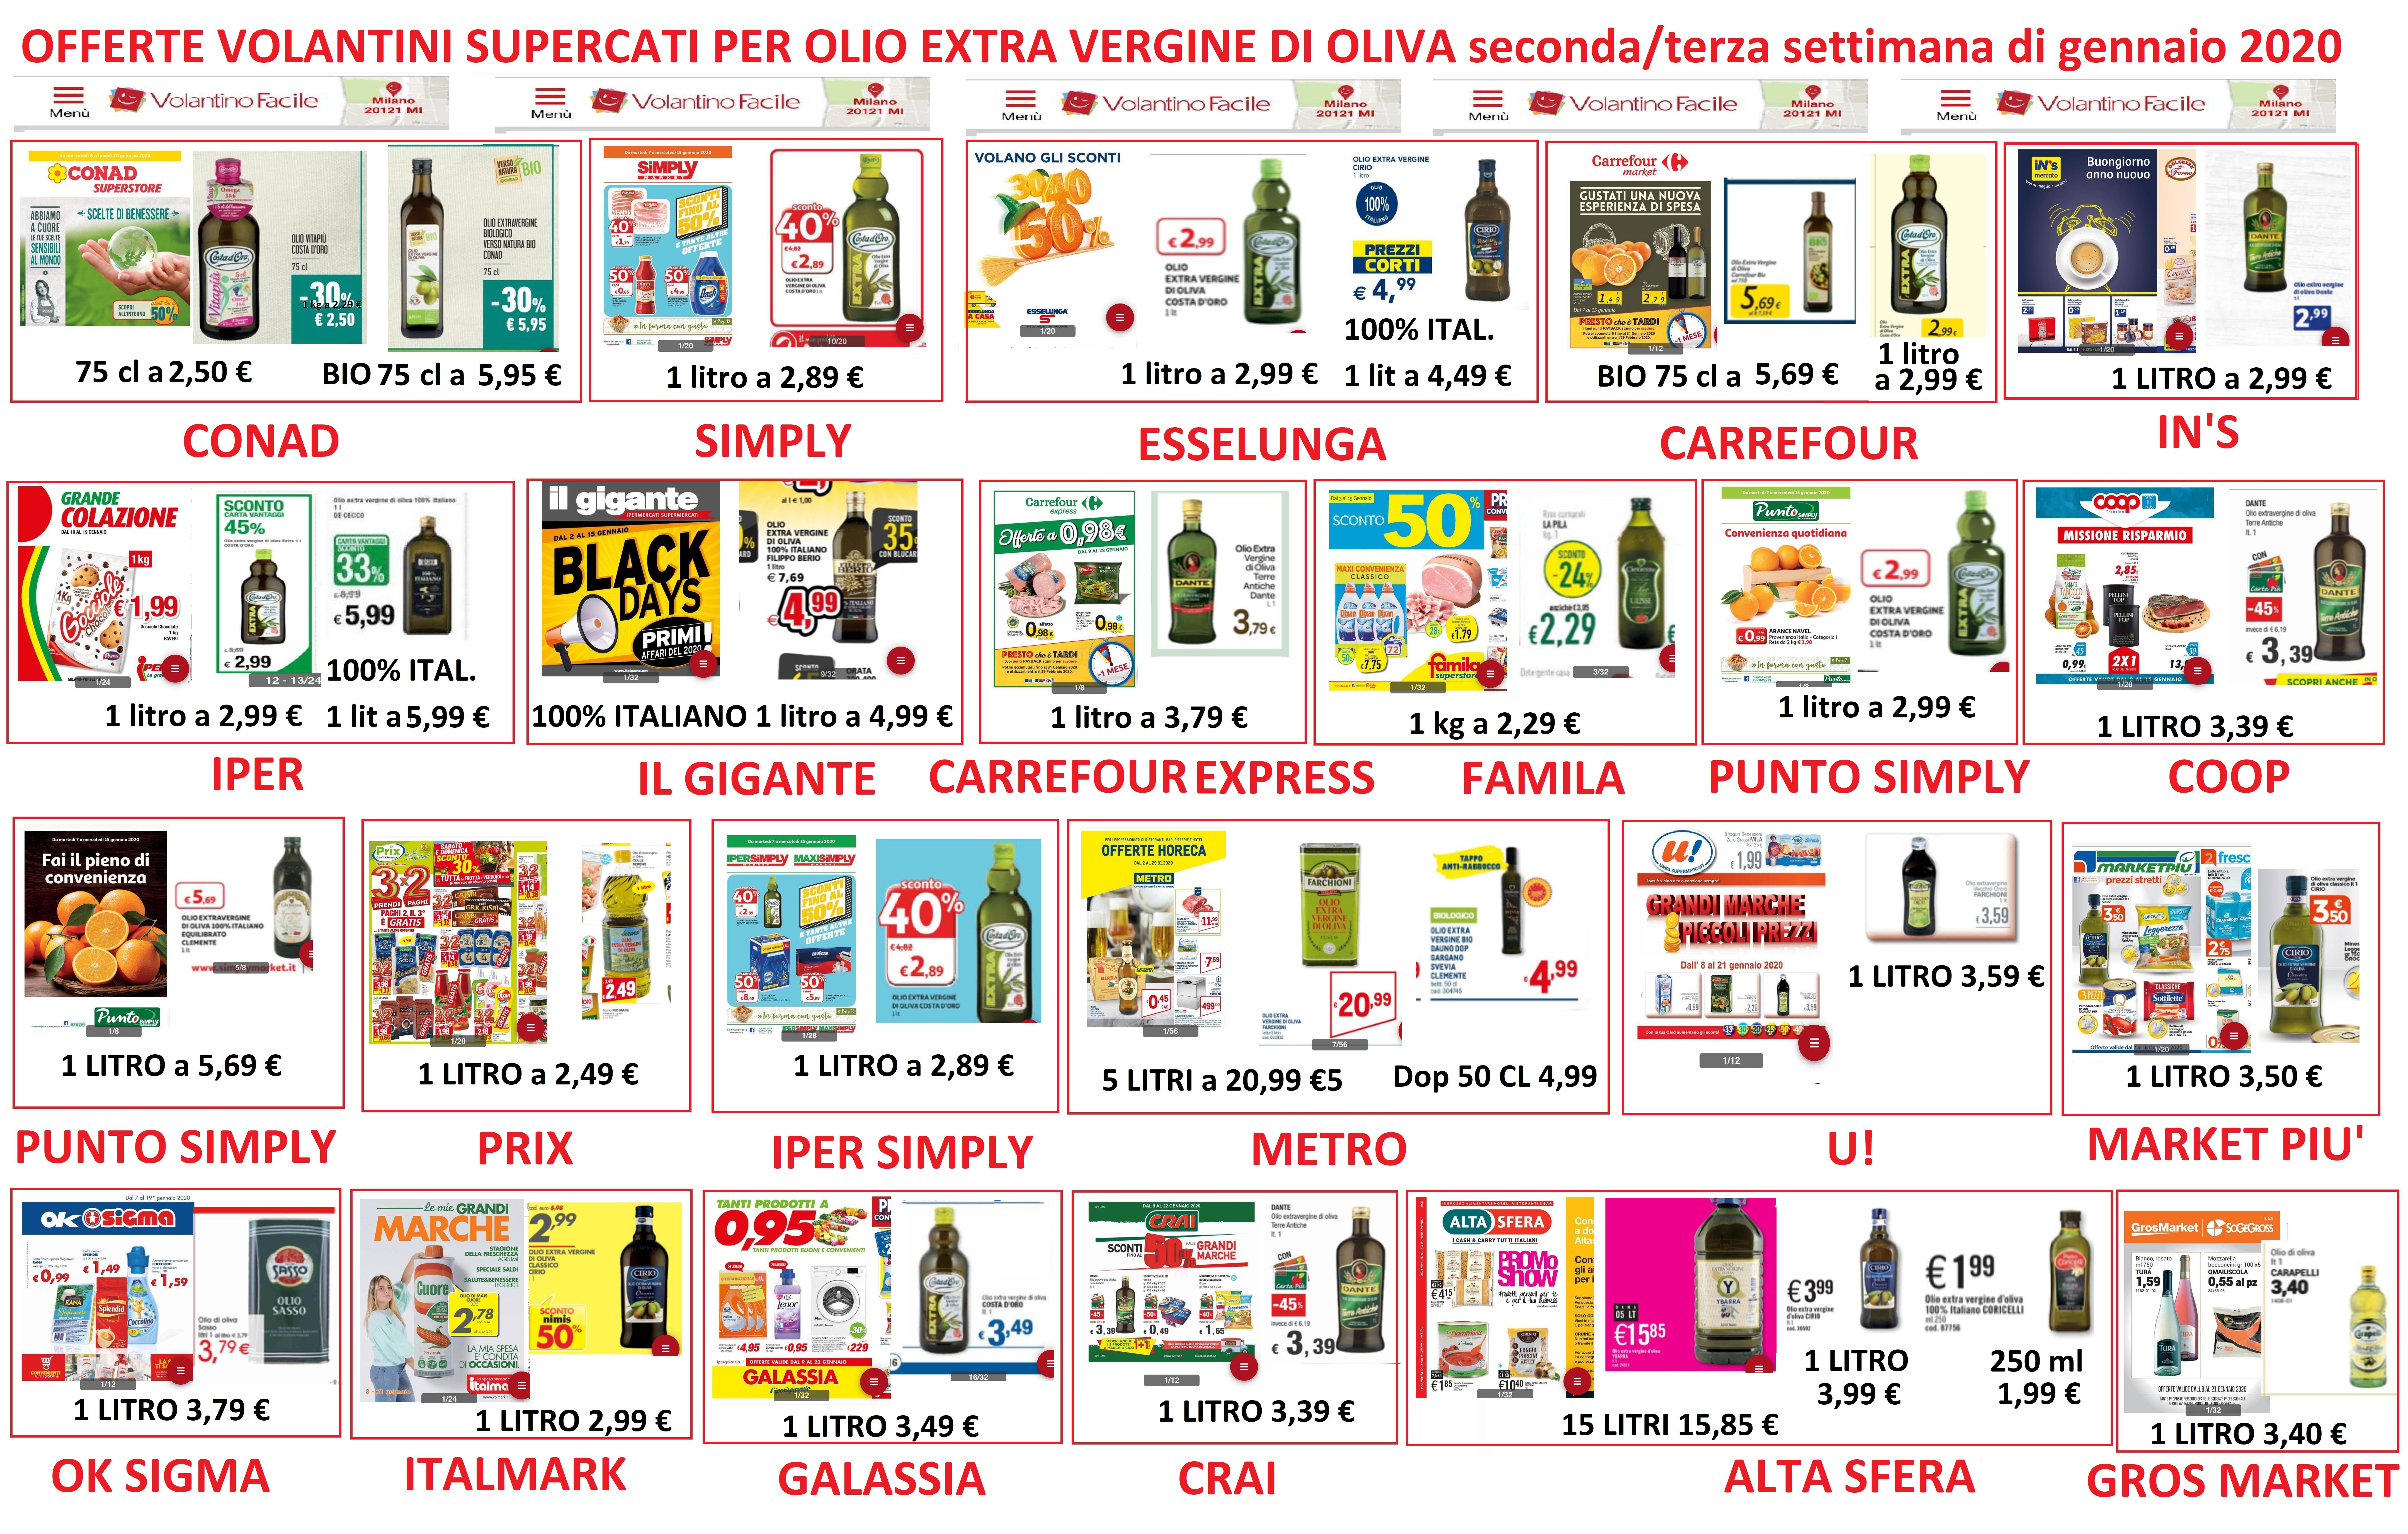 Olio extravergine: i supermercati devono smettere di venderlo come prodotto civetta. Nuovo appello di Clodoveo